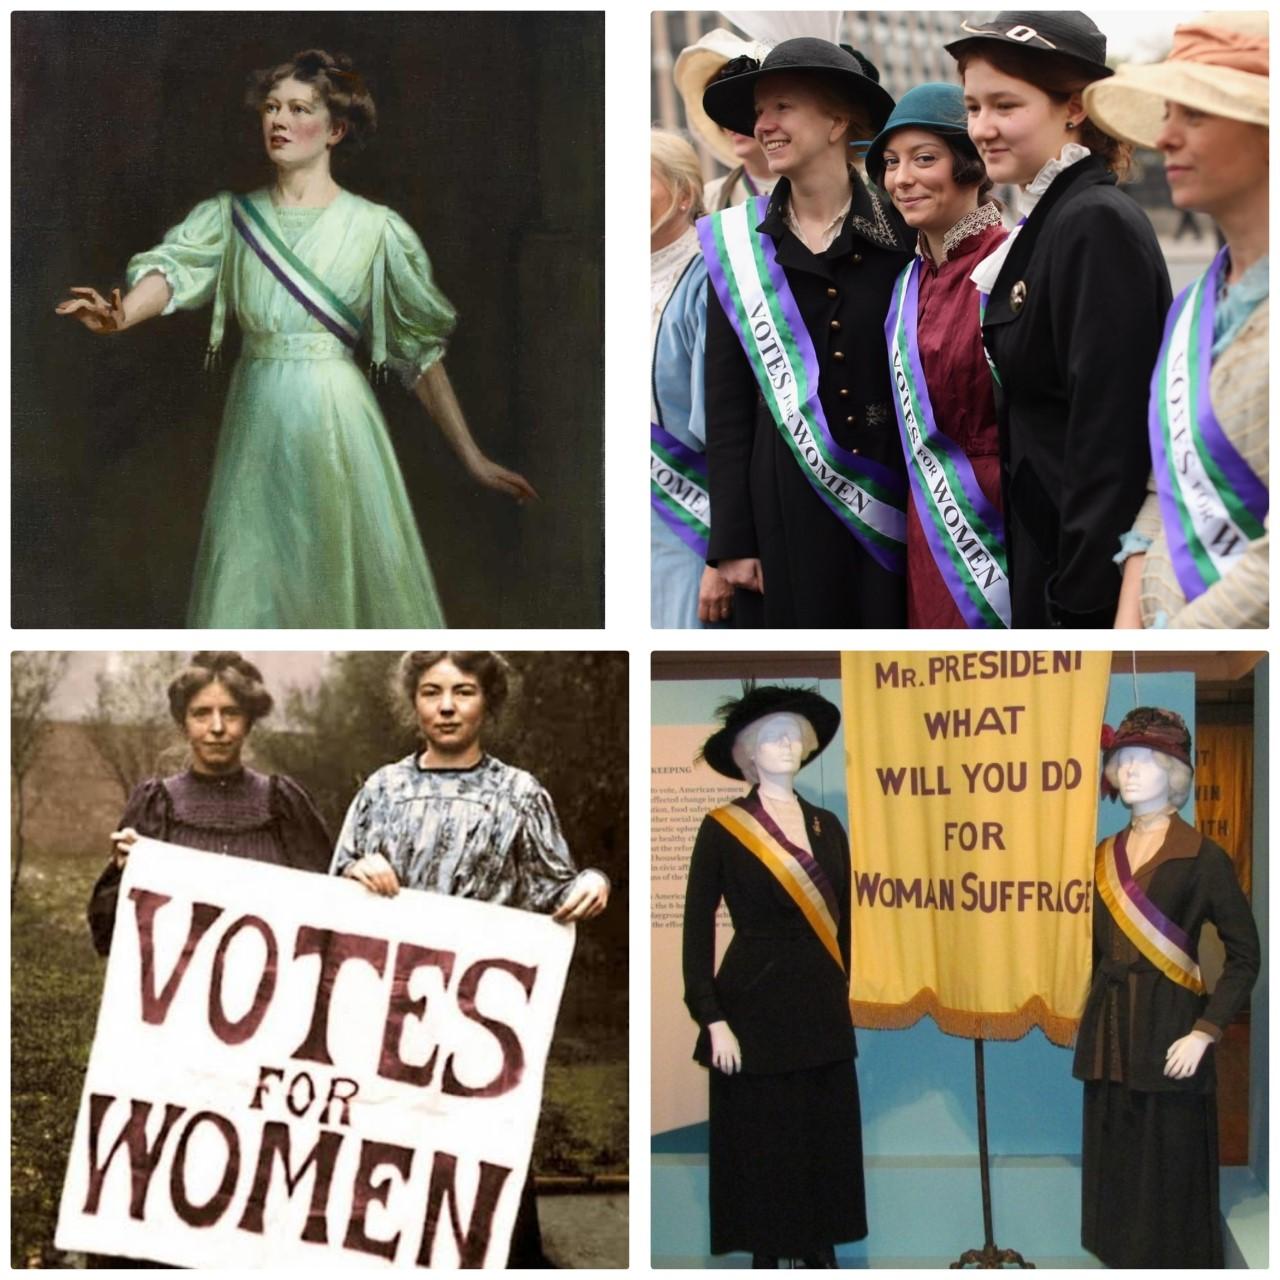 سنة 1900 استخدام الألوان للطالبة بحقوق المرأة